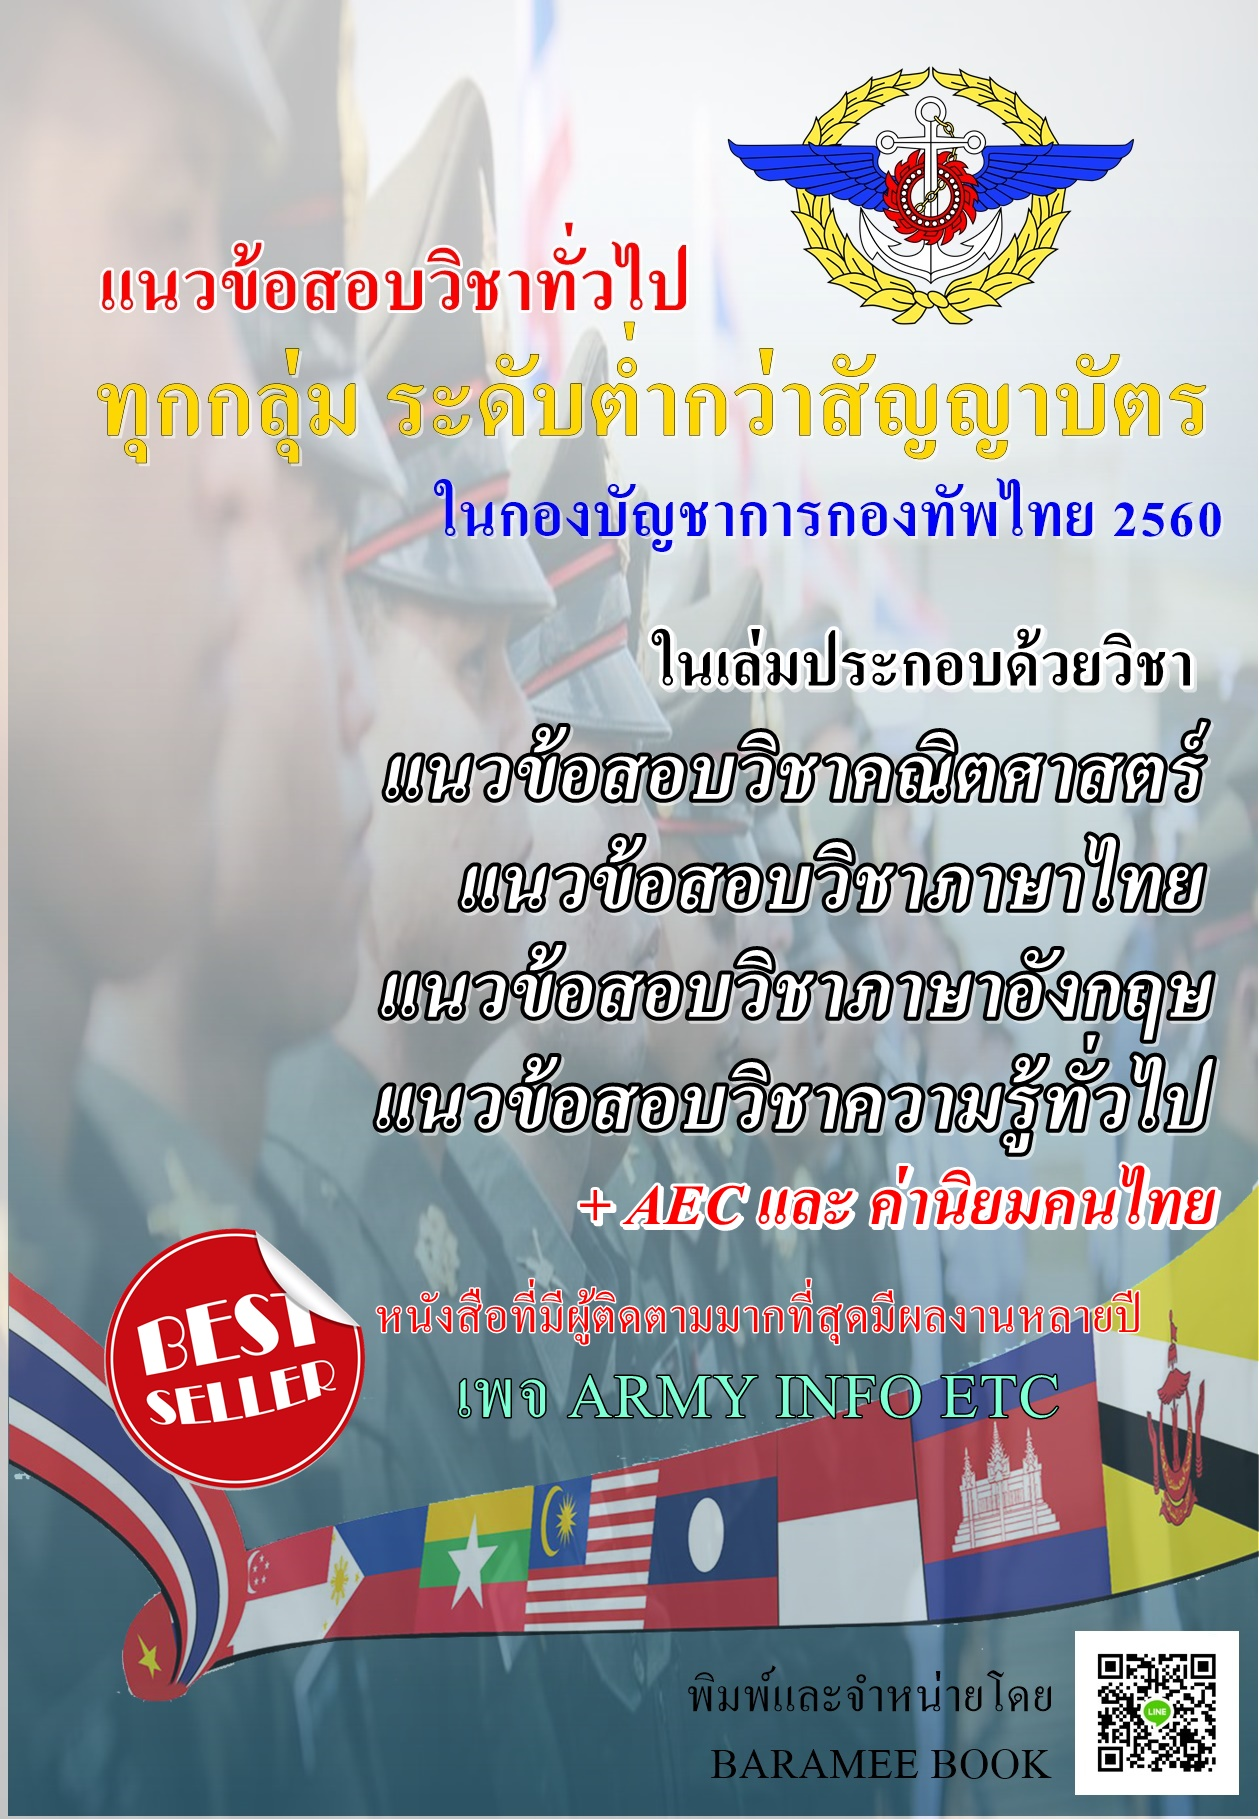 แนวข้อสอบ วิชาทั่วไปทุกกลุ่ม กองบัญชาการกองทัพไทย (ต่ำกว่าสัญญาบัตร) 2560